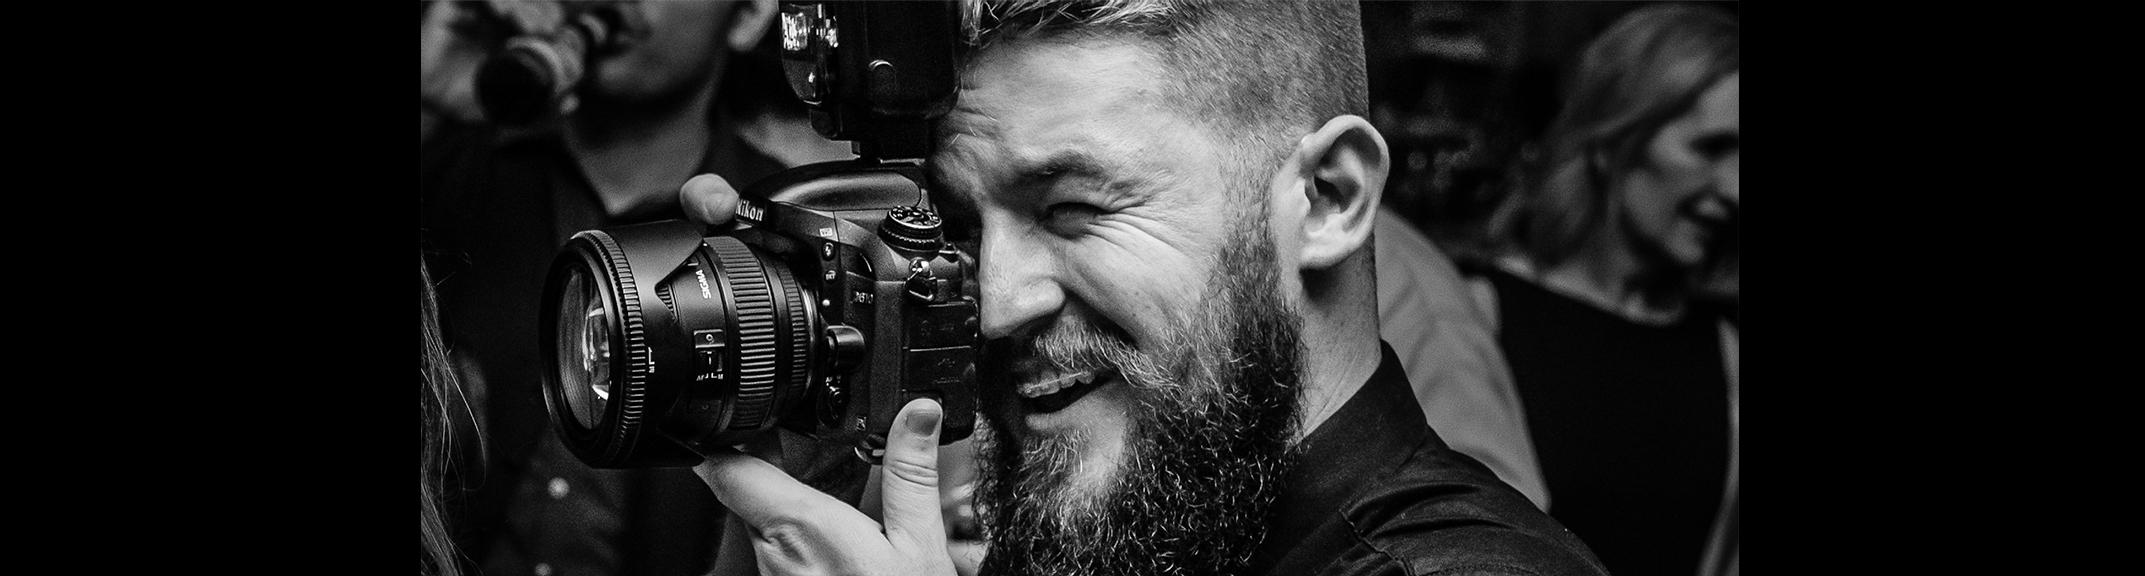 Sobre Fotografia | Fotógrafo de Casamento - Serra Gaúcha | Cássio Brezolla